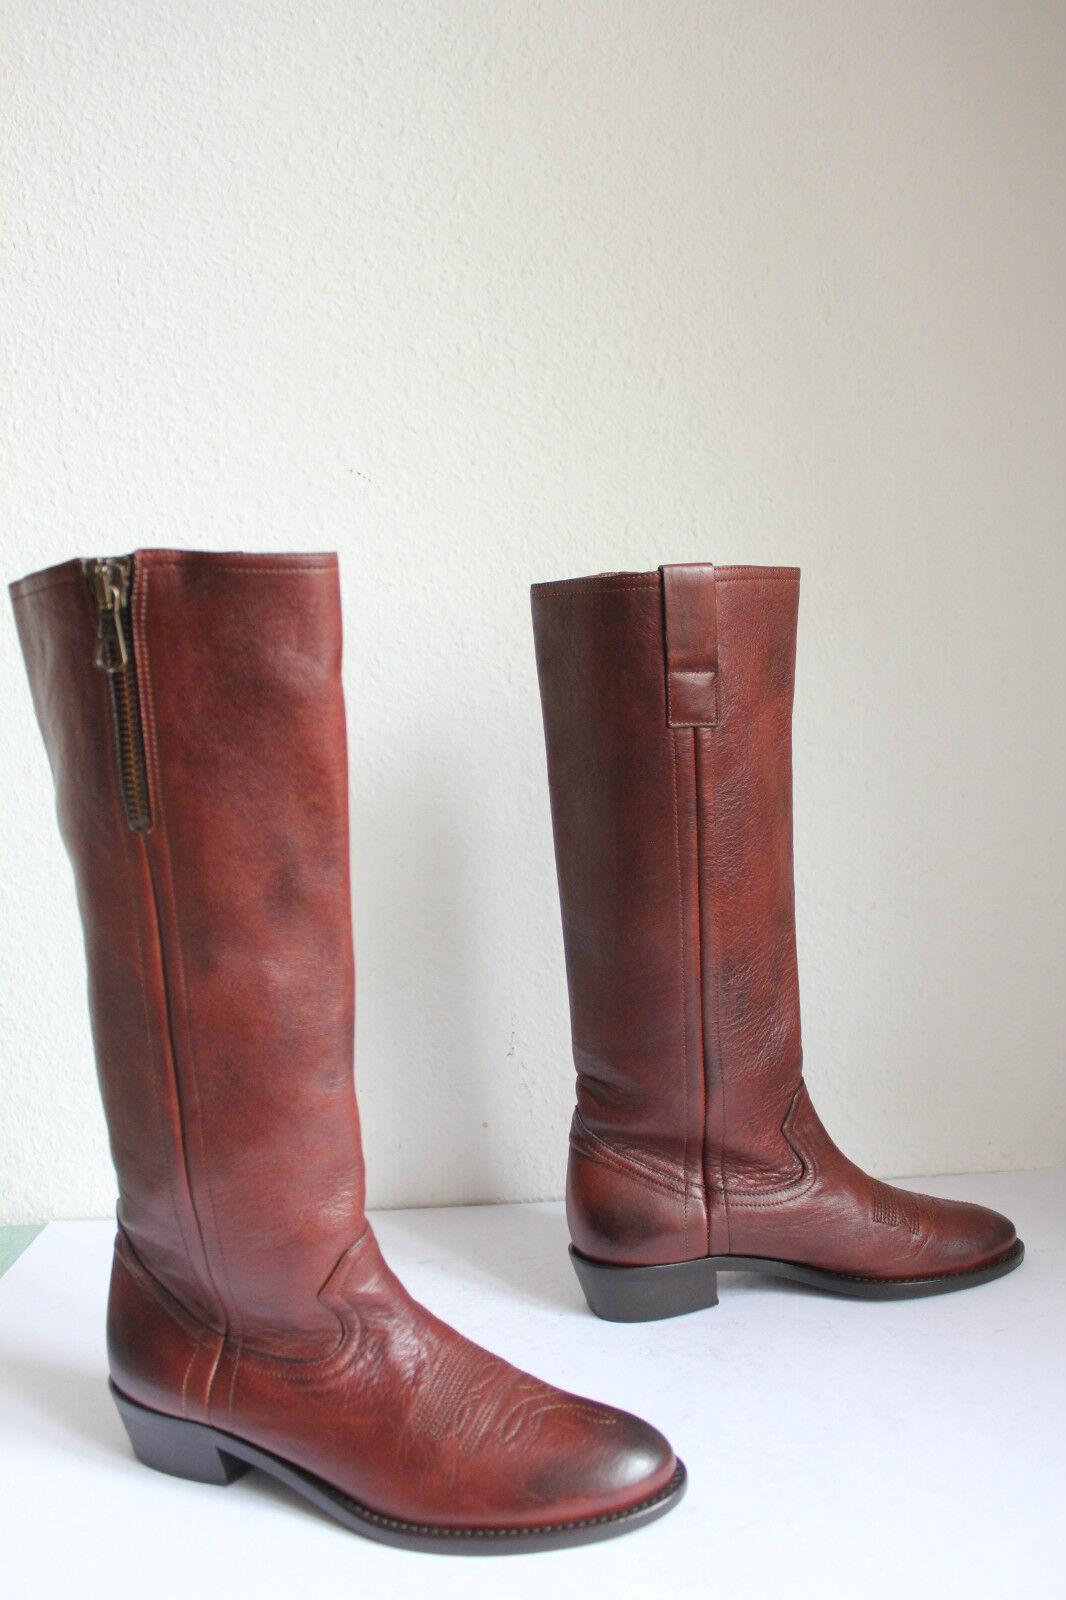 Key pe pe pe 'western style bota botas High plenamente cuero genuino marrón eu 37, 5-38   Con 100% de calidad y servicio de% 100.